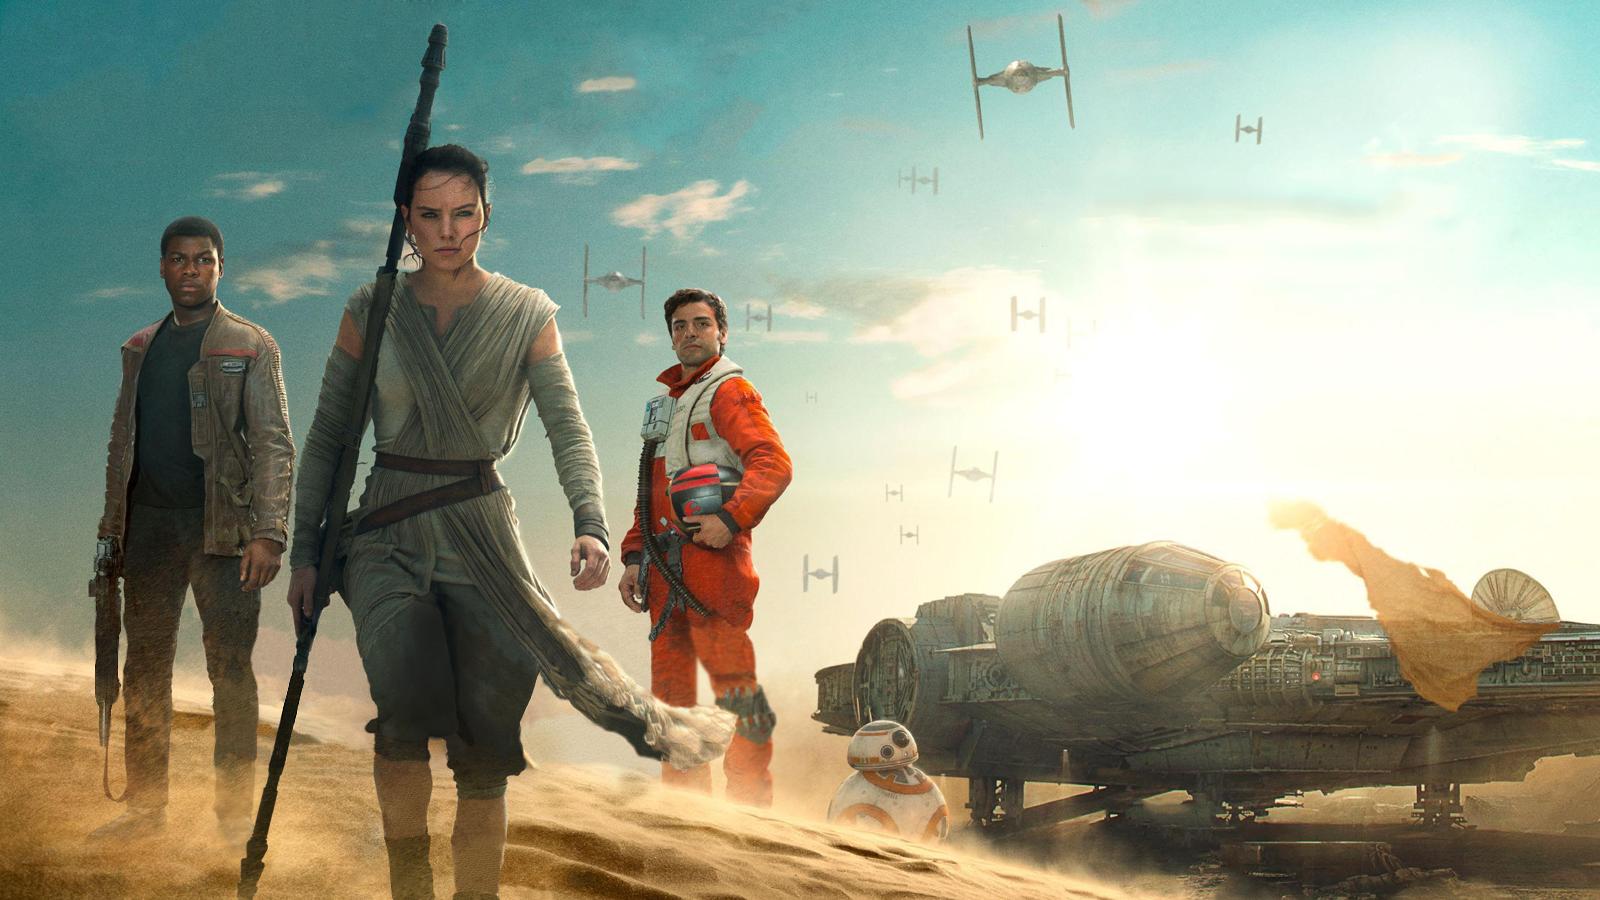 Star Wars Episodio VIII